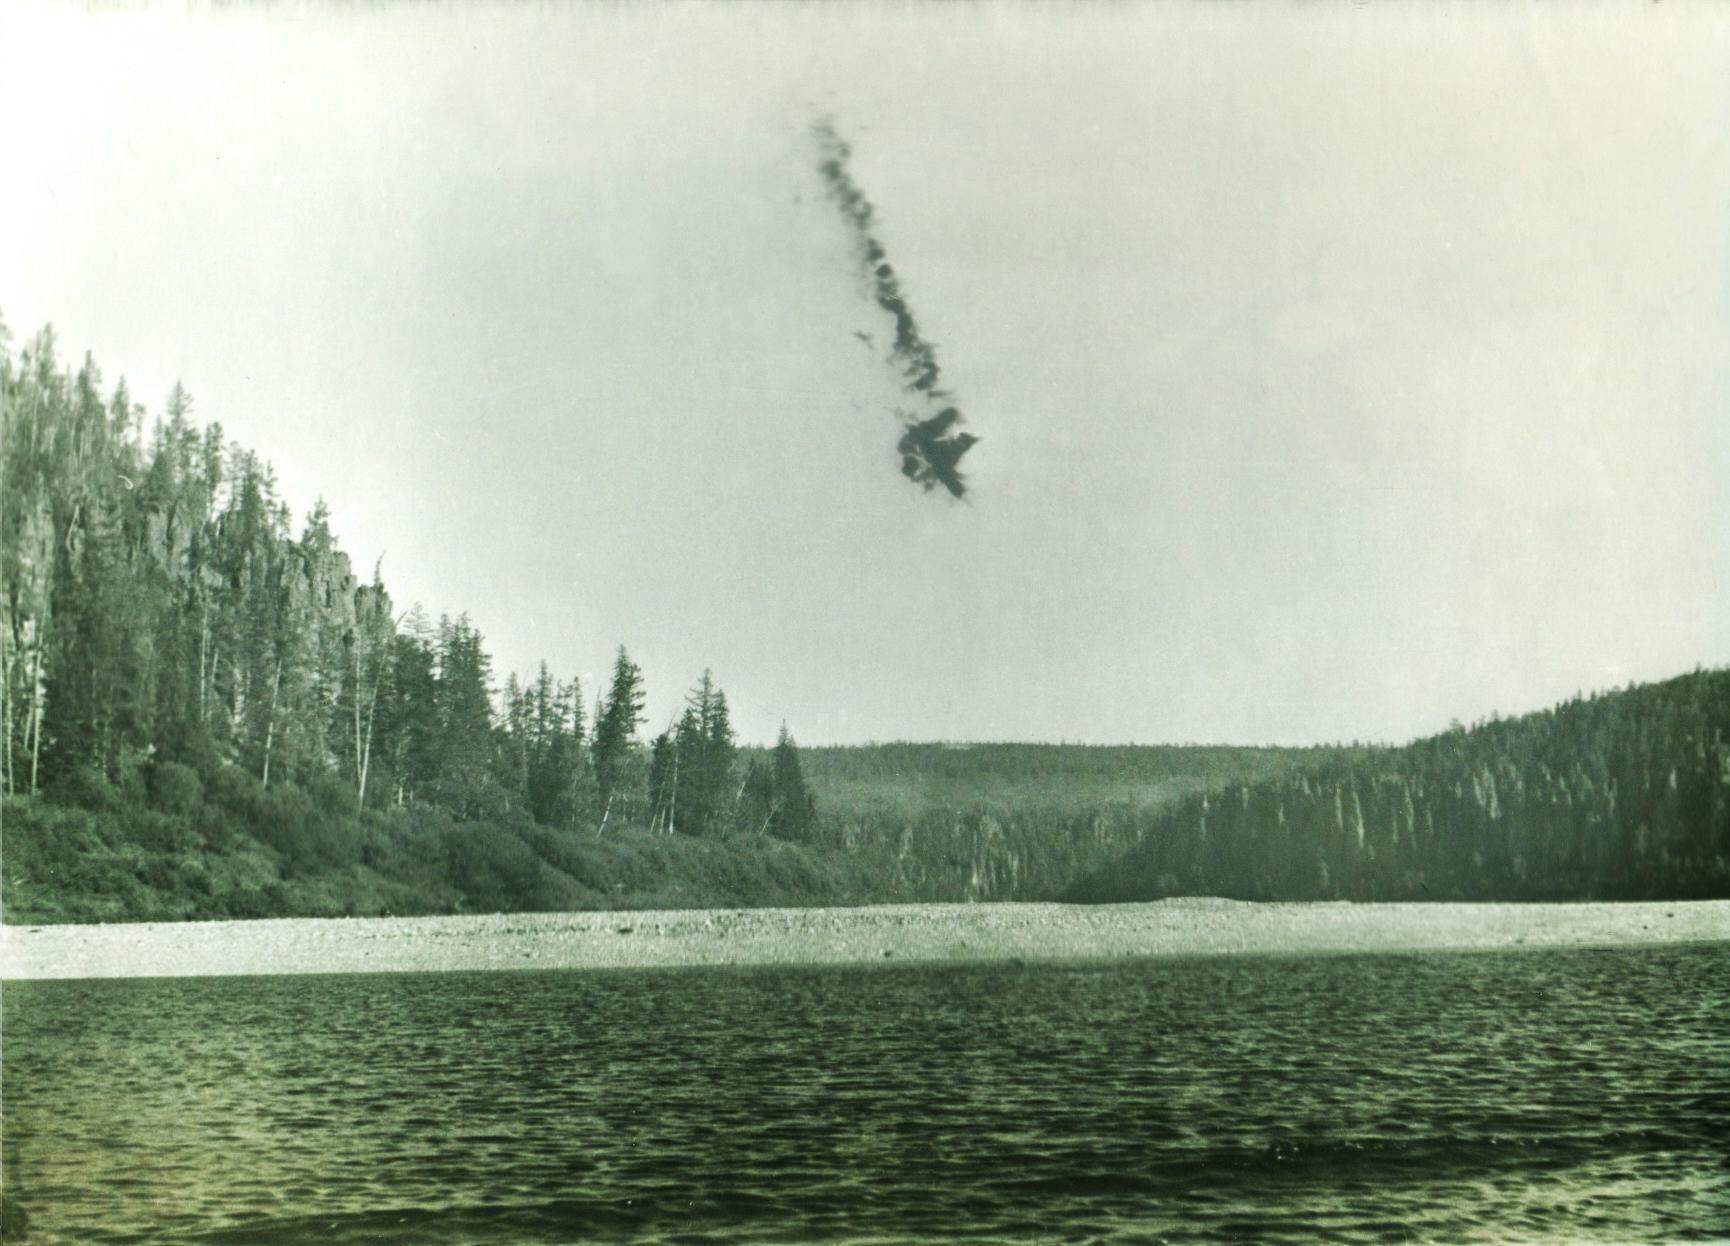 Картинки метеорита тунгусский метеорит